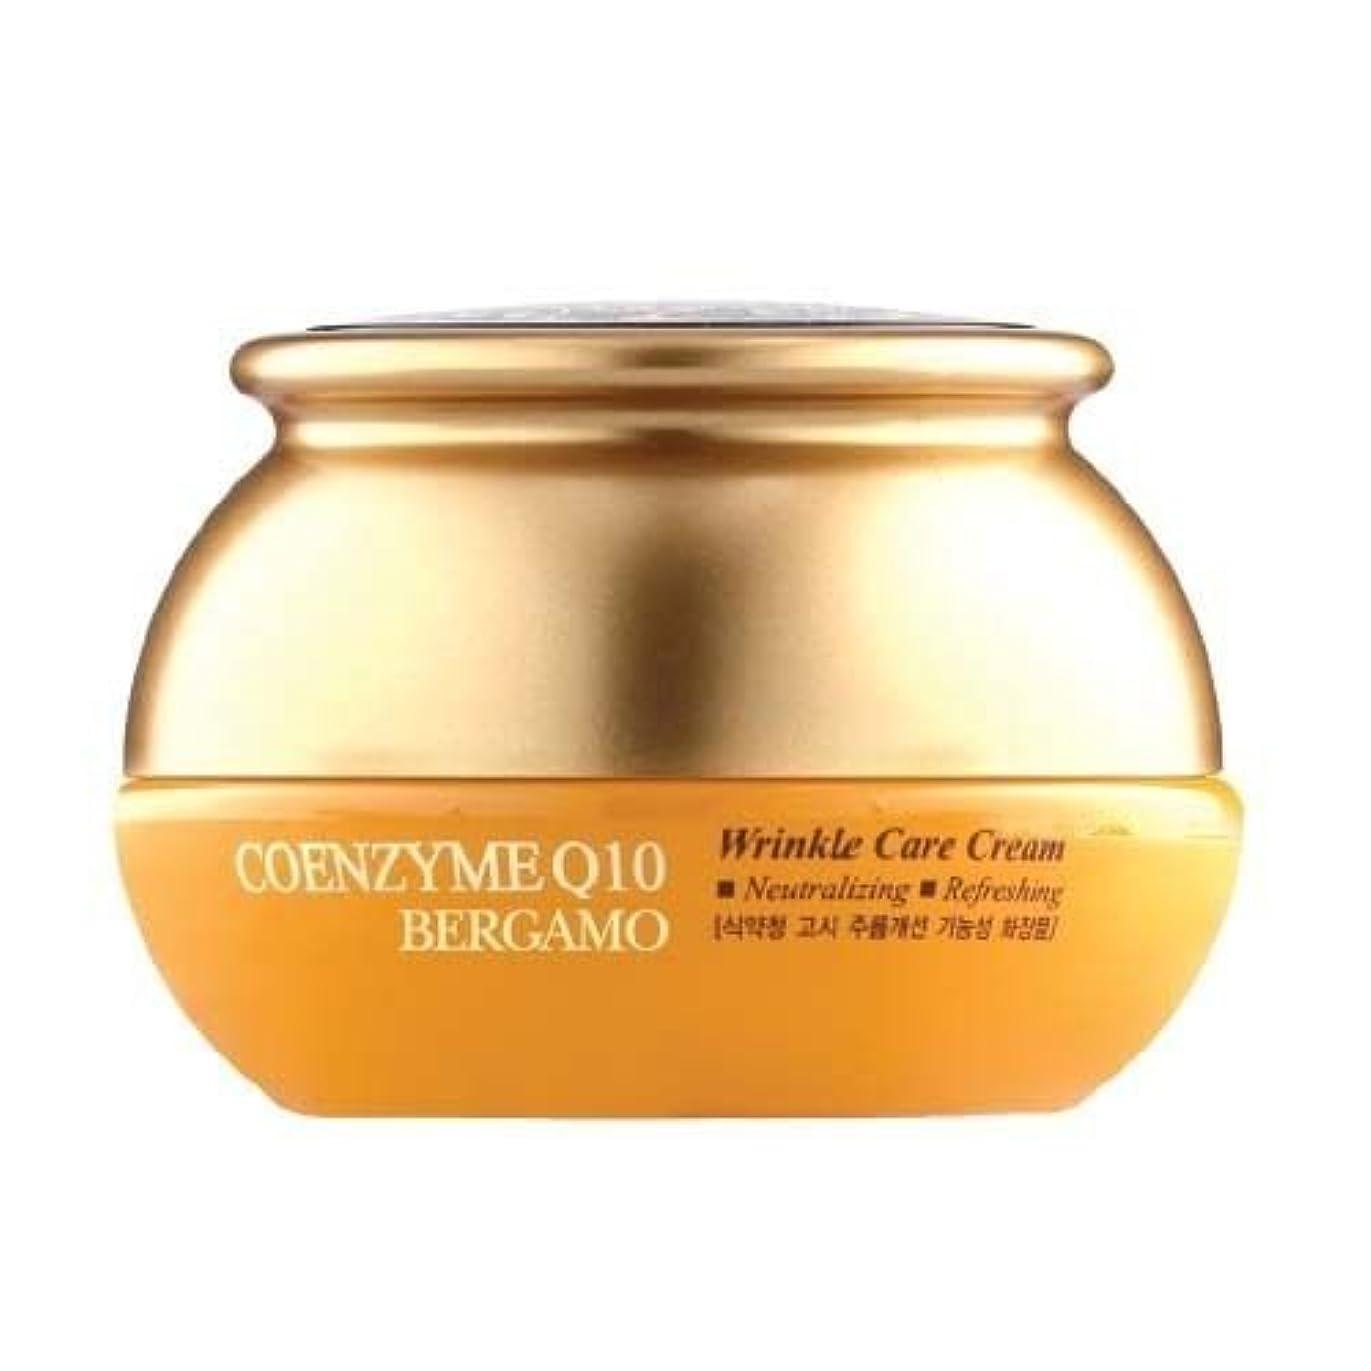 オリエンテーションアマチュアエイリアスベルガモ[韓国コスメBergamo]Coenzyme Q10 Wrinkle Care Cream コエンザイムQ10リンクルケアクリーム50ml しわ管理 [並行輸入品]